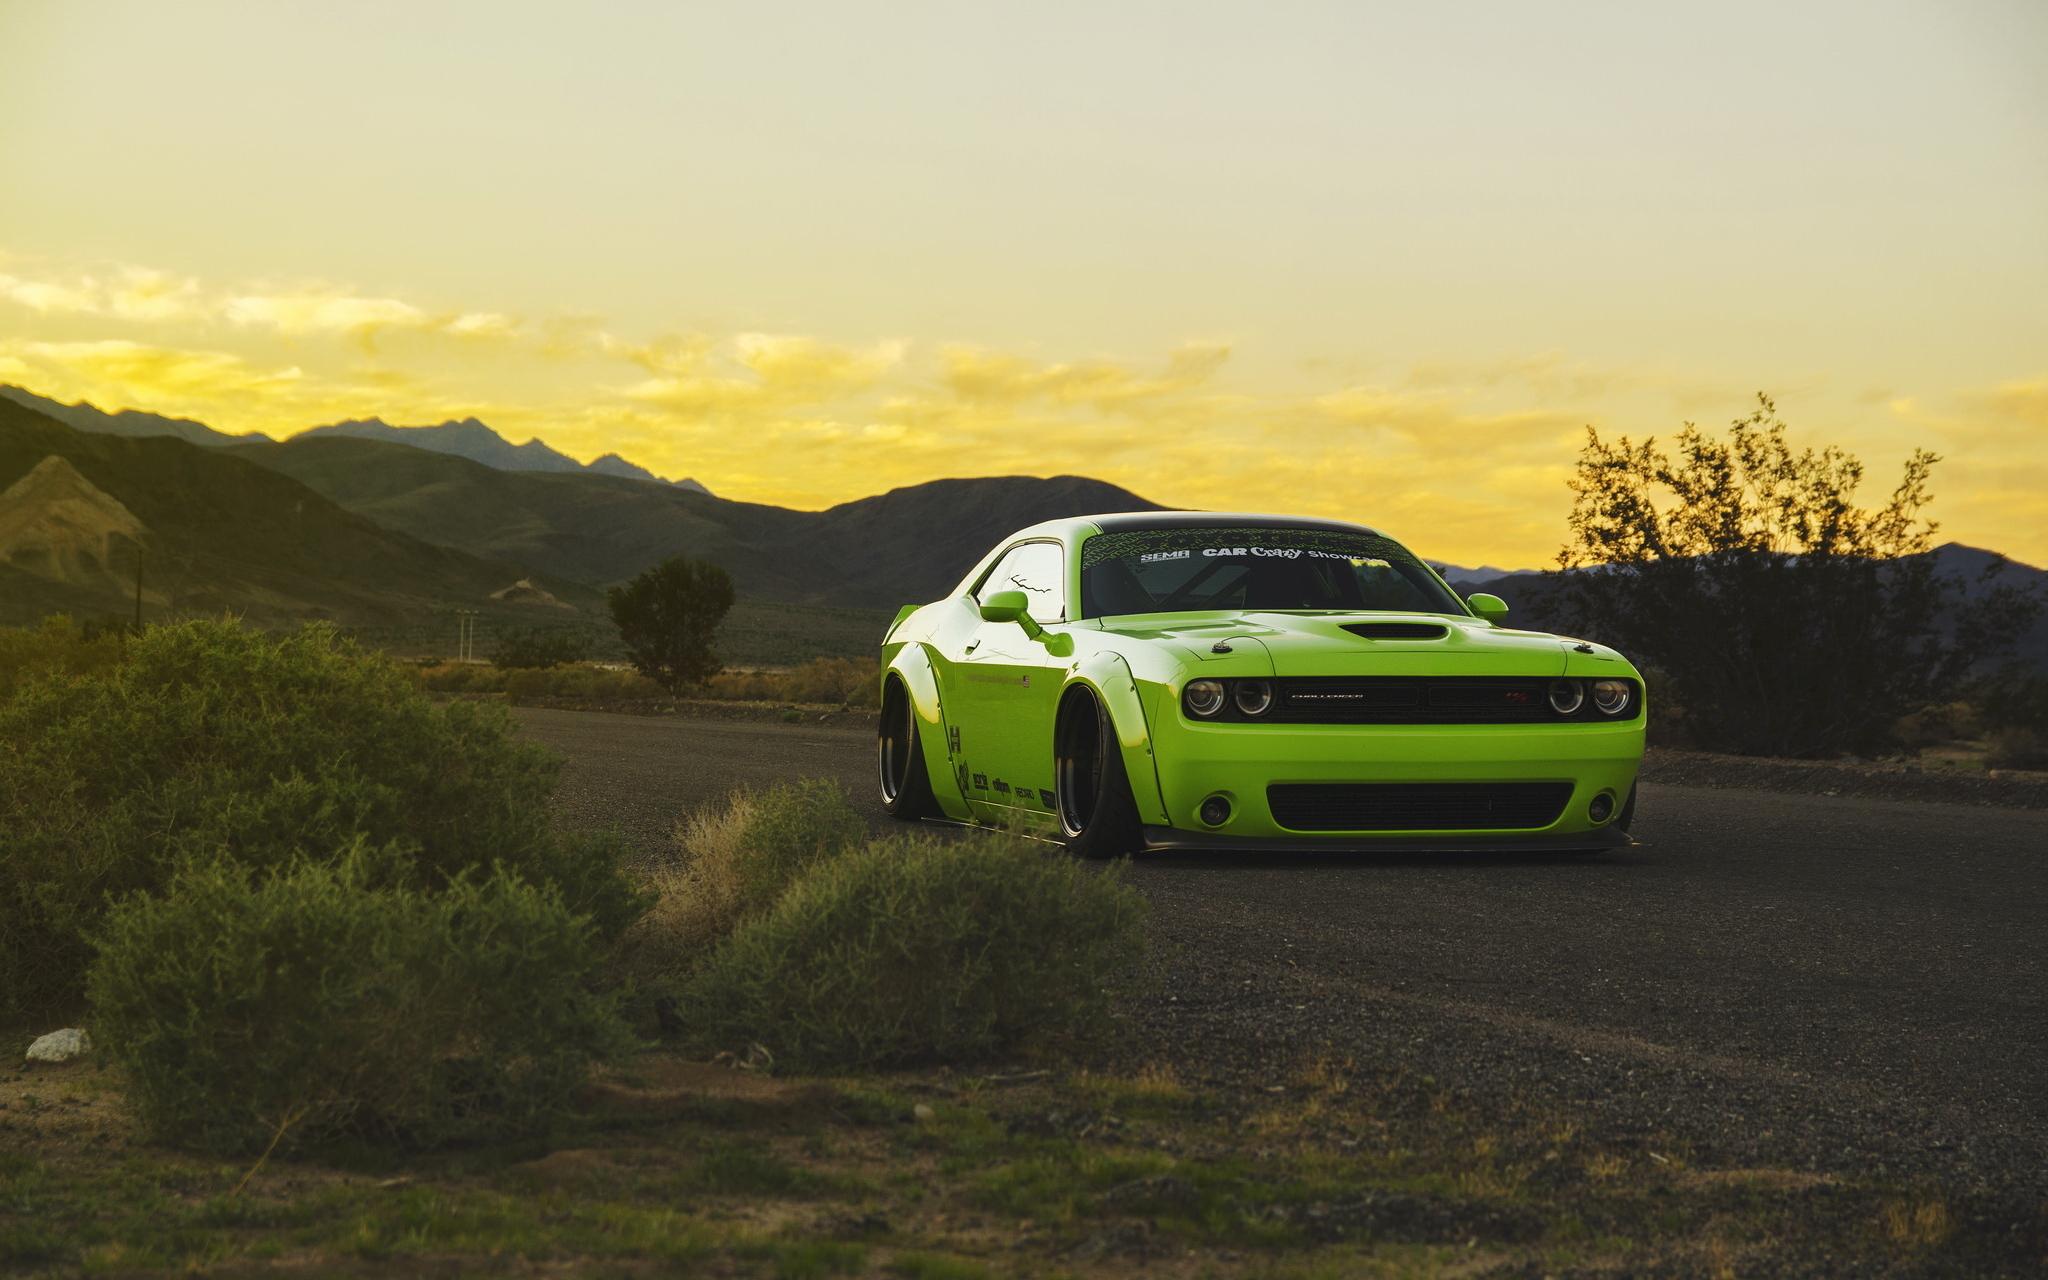 130327 скачать обои Muscle Car, Dodge Challenger, Тюнинг, Тачки (Cars), Светло Зеленый - заставки и картинки бесплатно